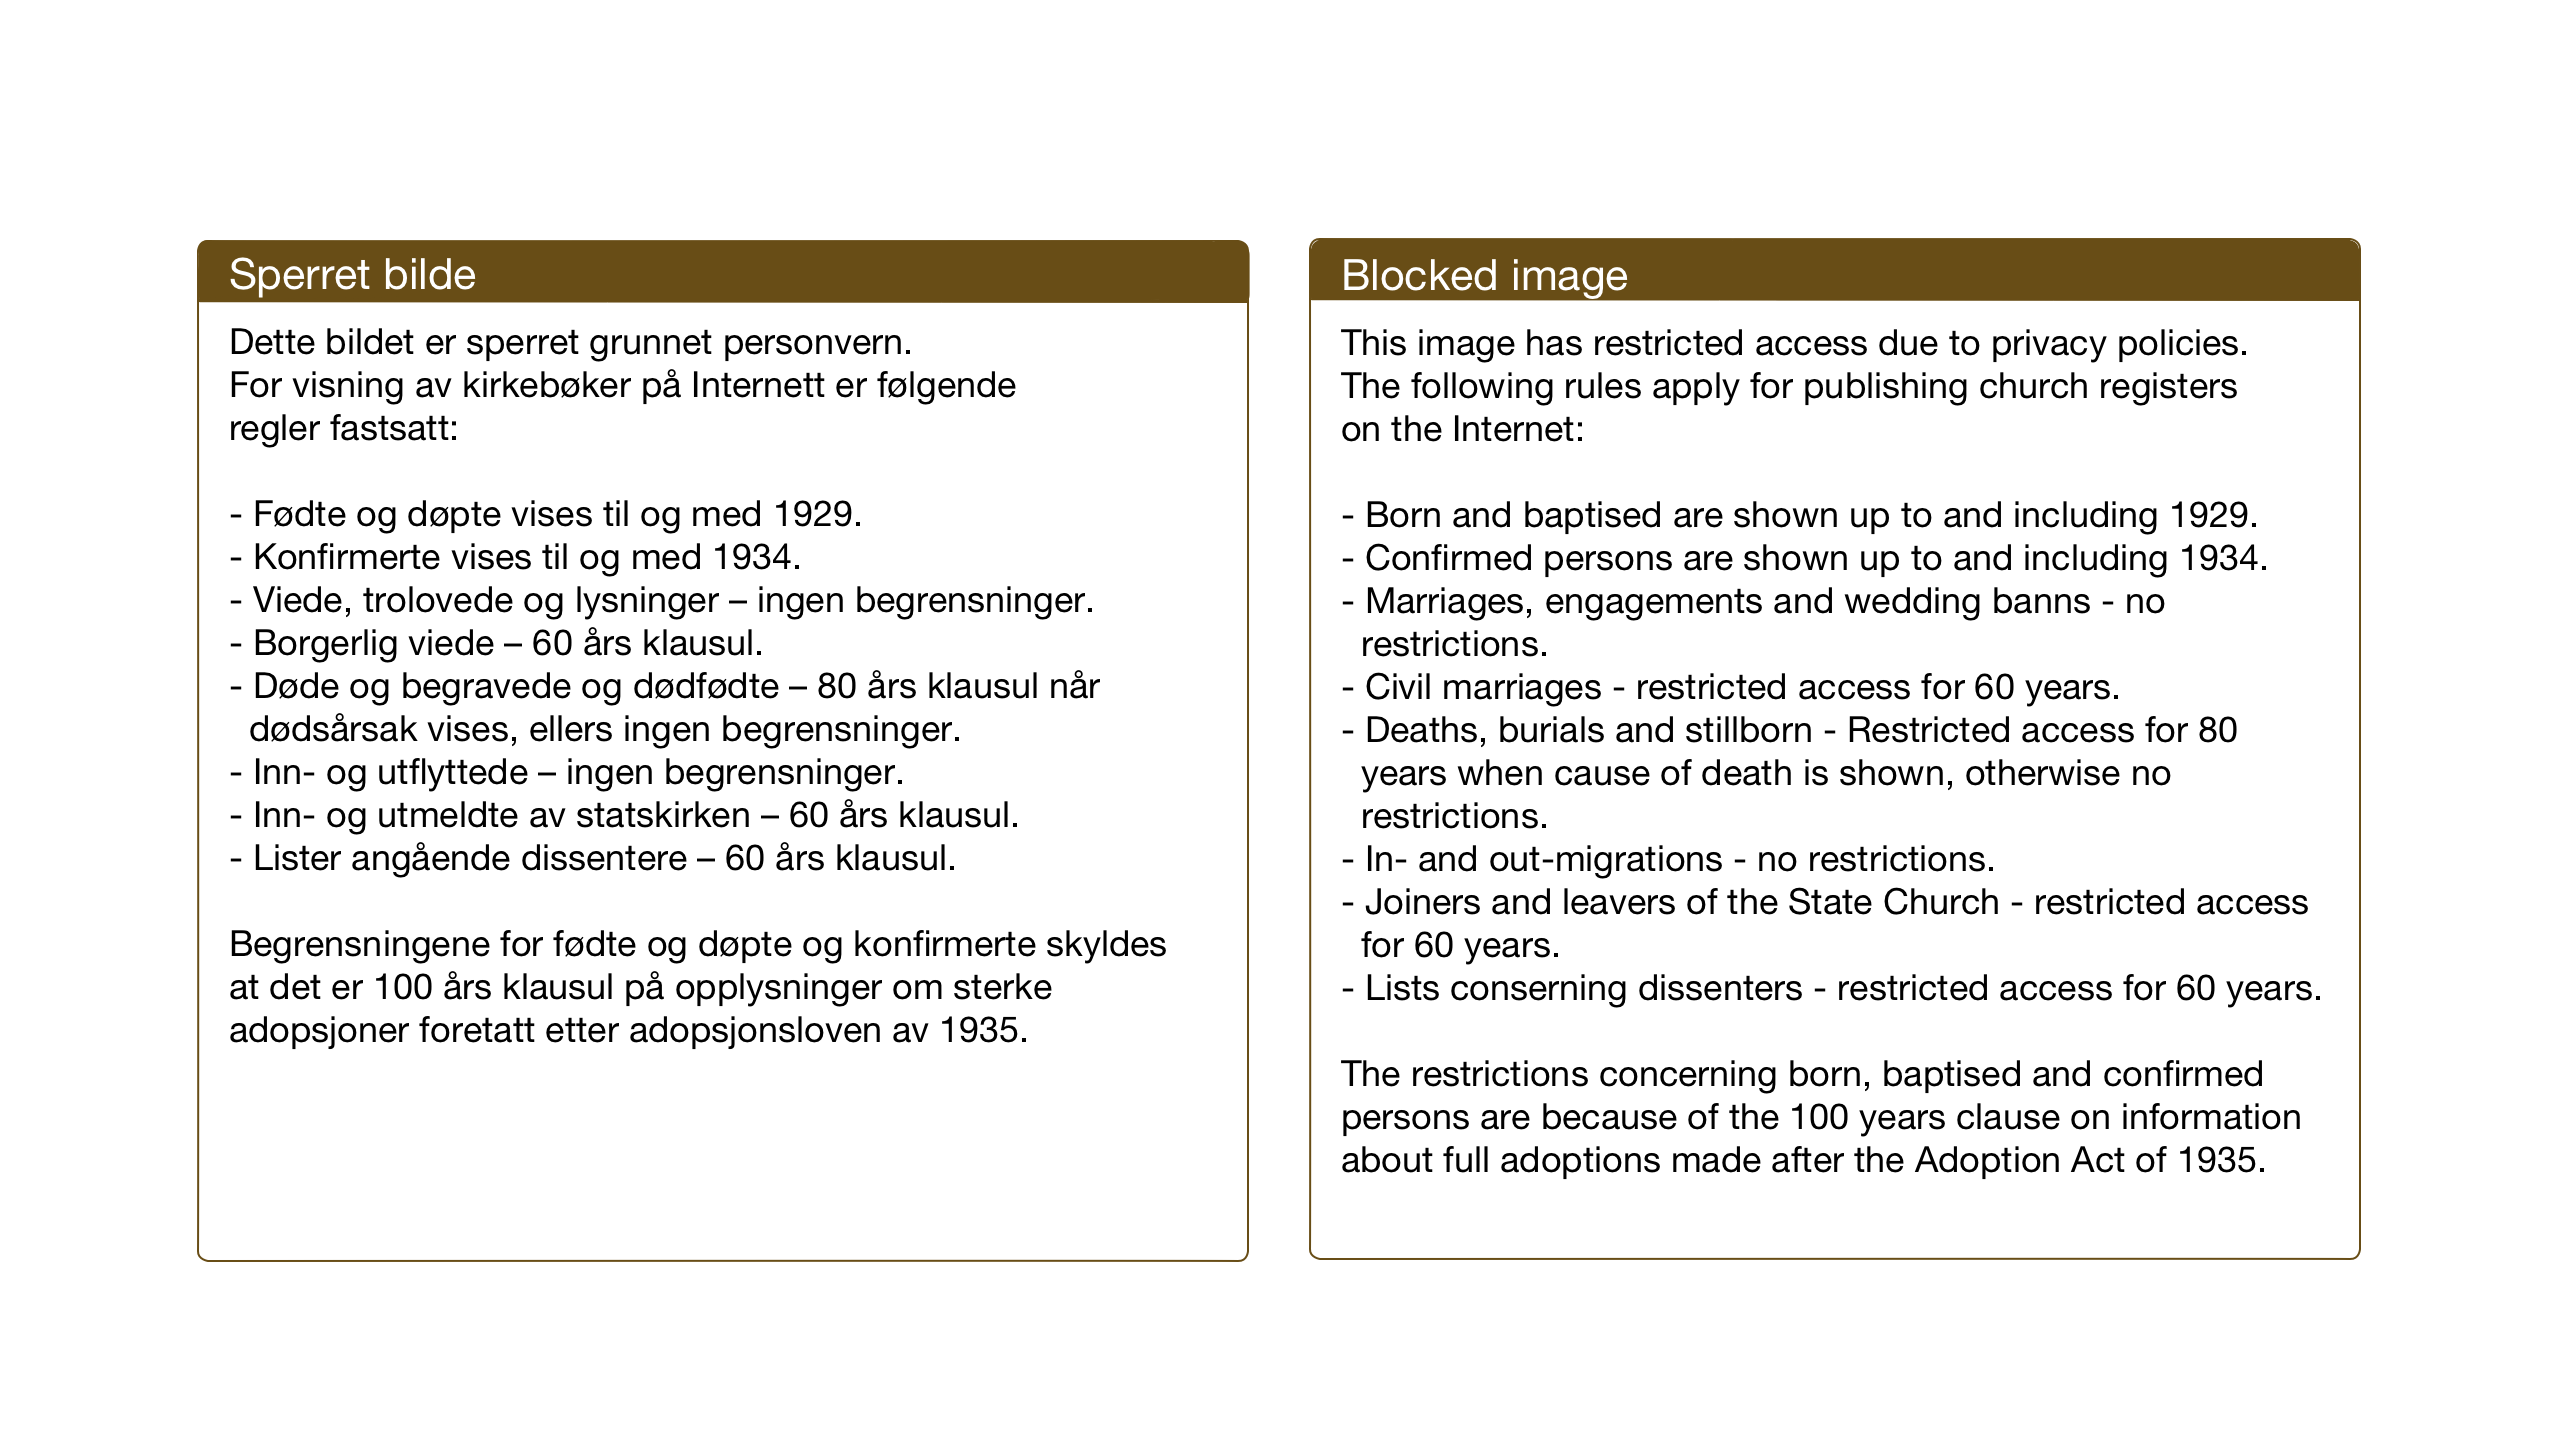 SAT, Ministerialprotokoller, klokkerbøker og fødselsregistre - Sør-Trøndelag, 606/L0315: Klokkerbok nr. 606C11, 1938-1947, s. 101